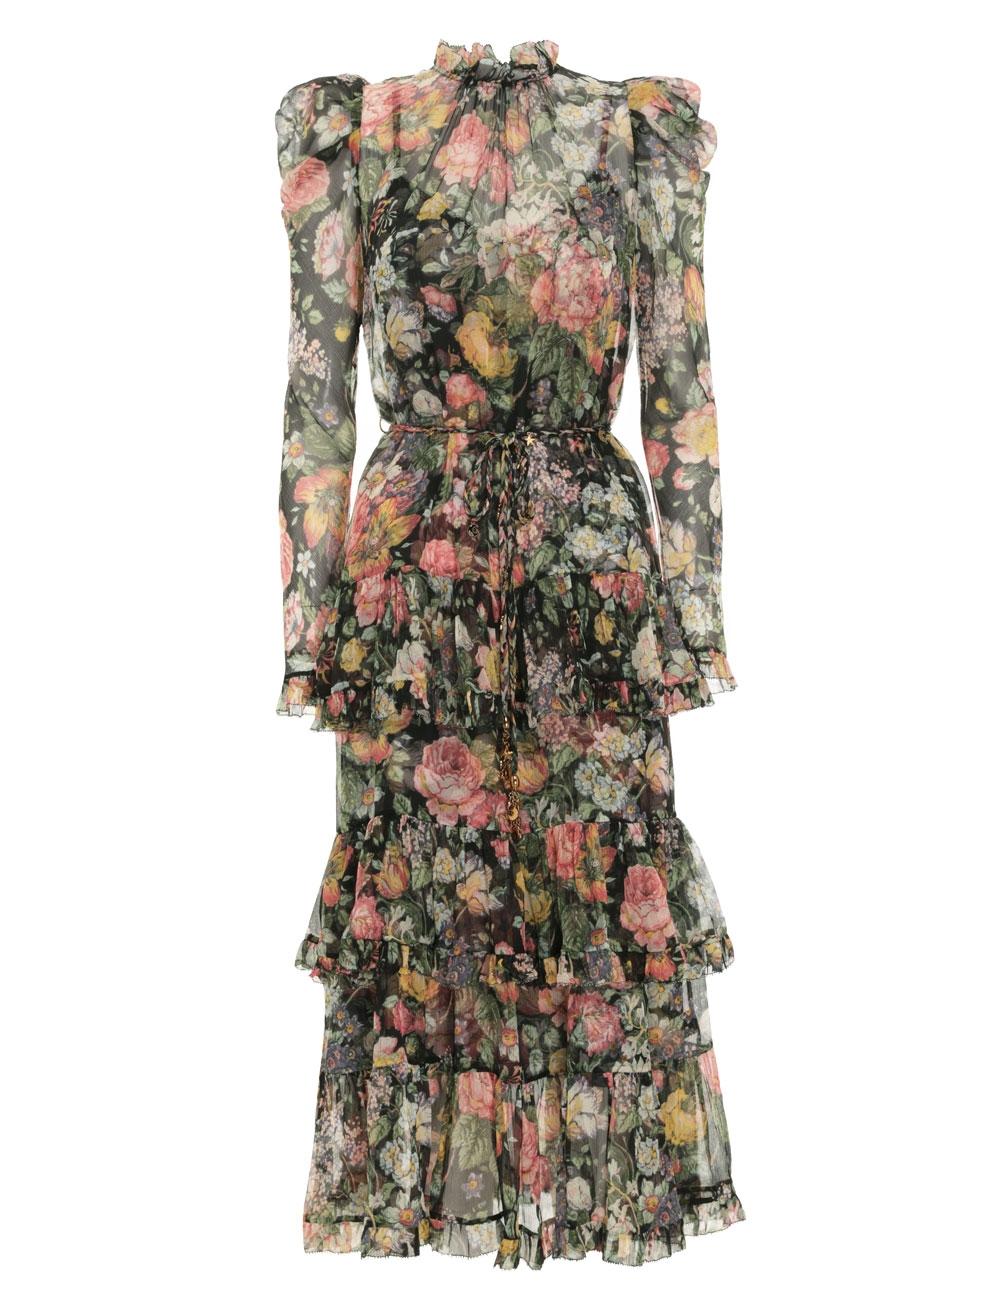 Ladybeetle Draped Sleeve Dress